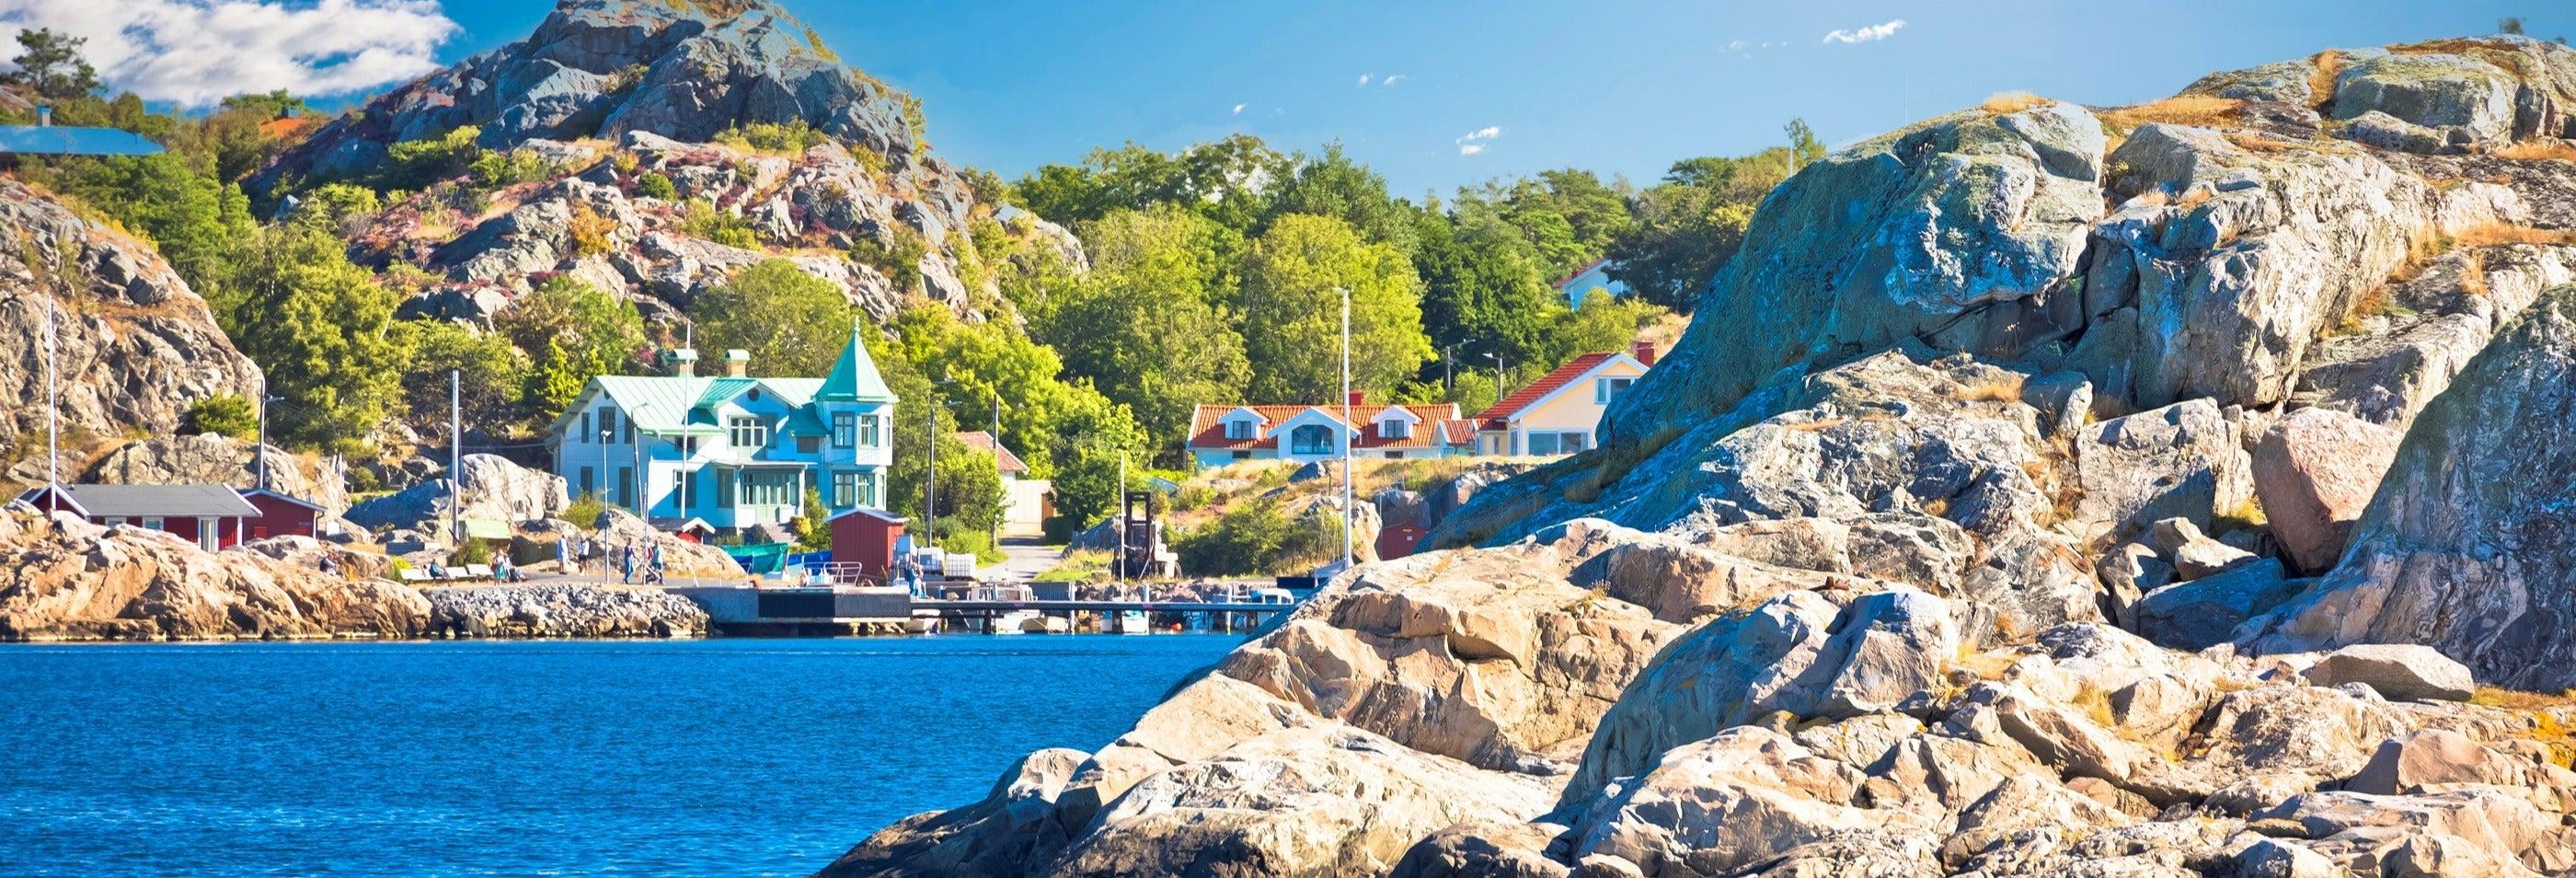 Battello turistico di Gotemburgo